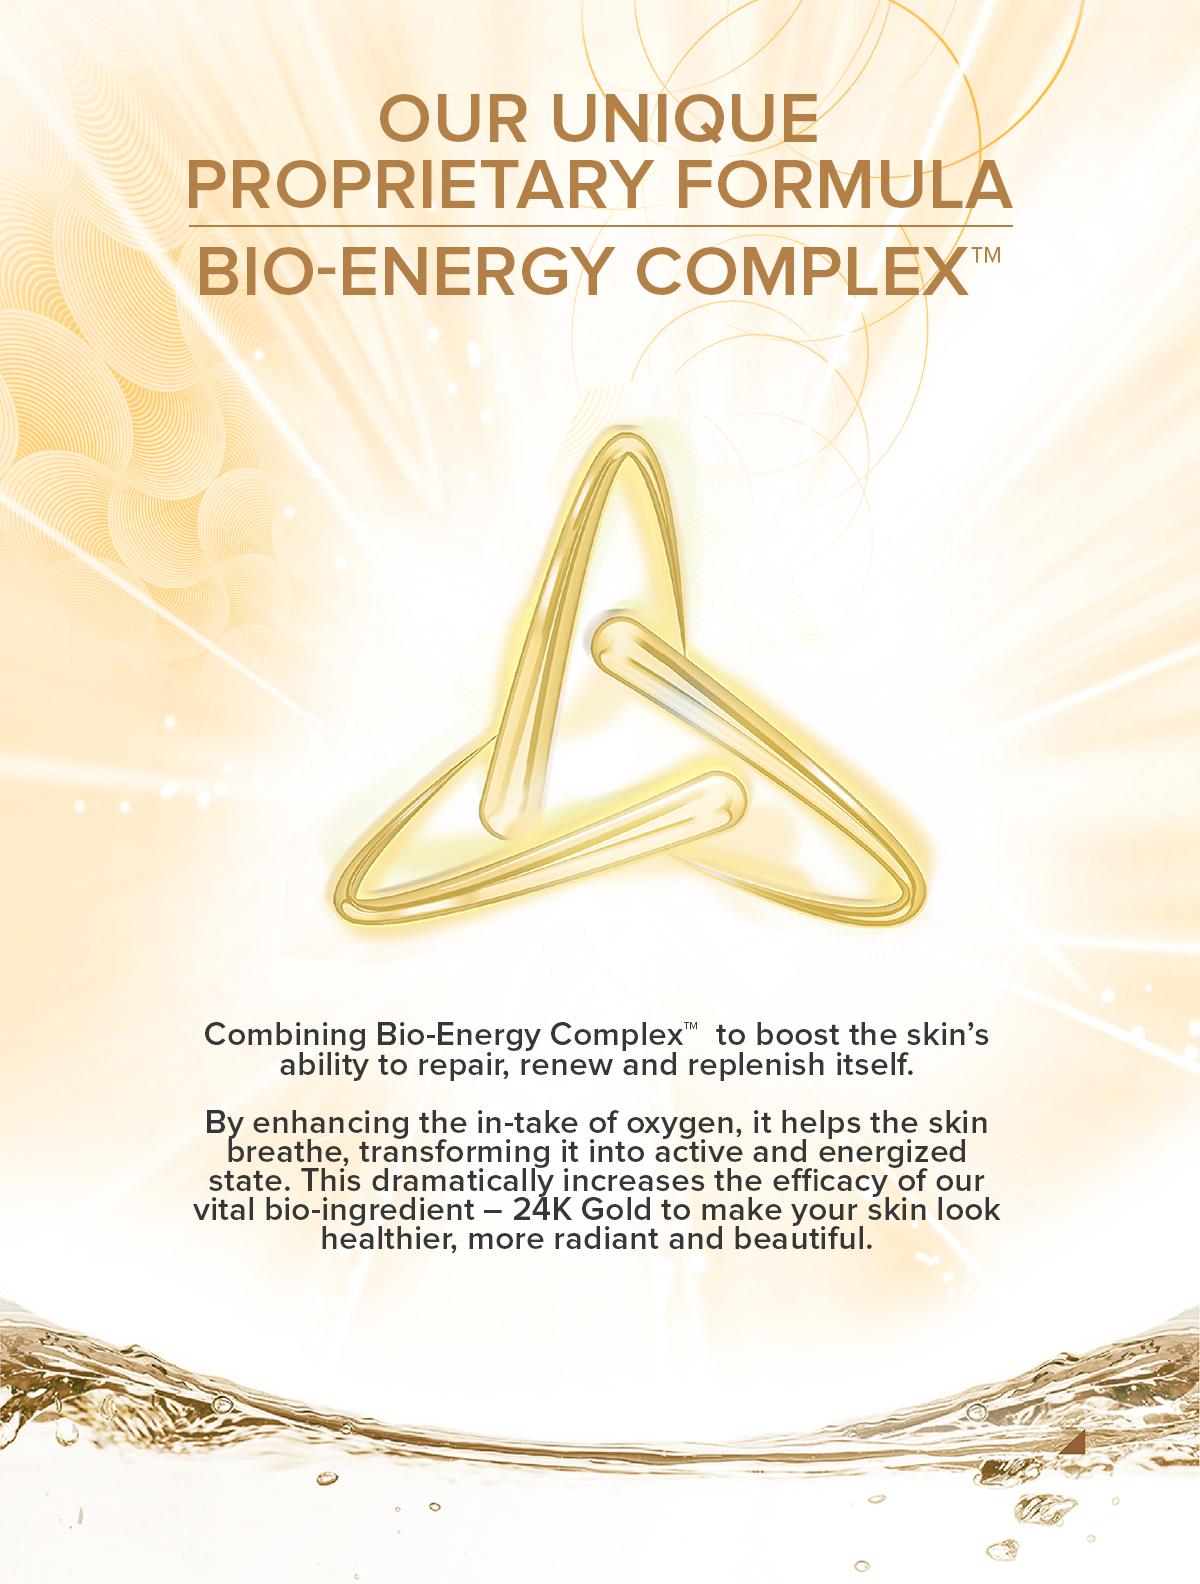 Bio-Gold Gold Water - Ingredients